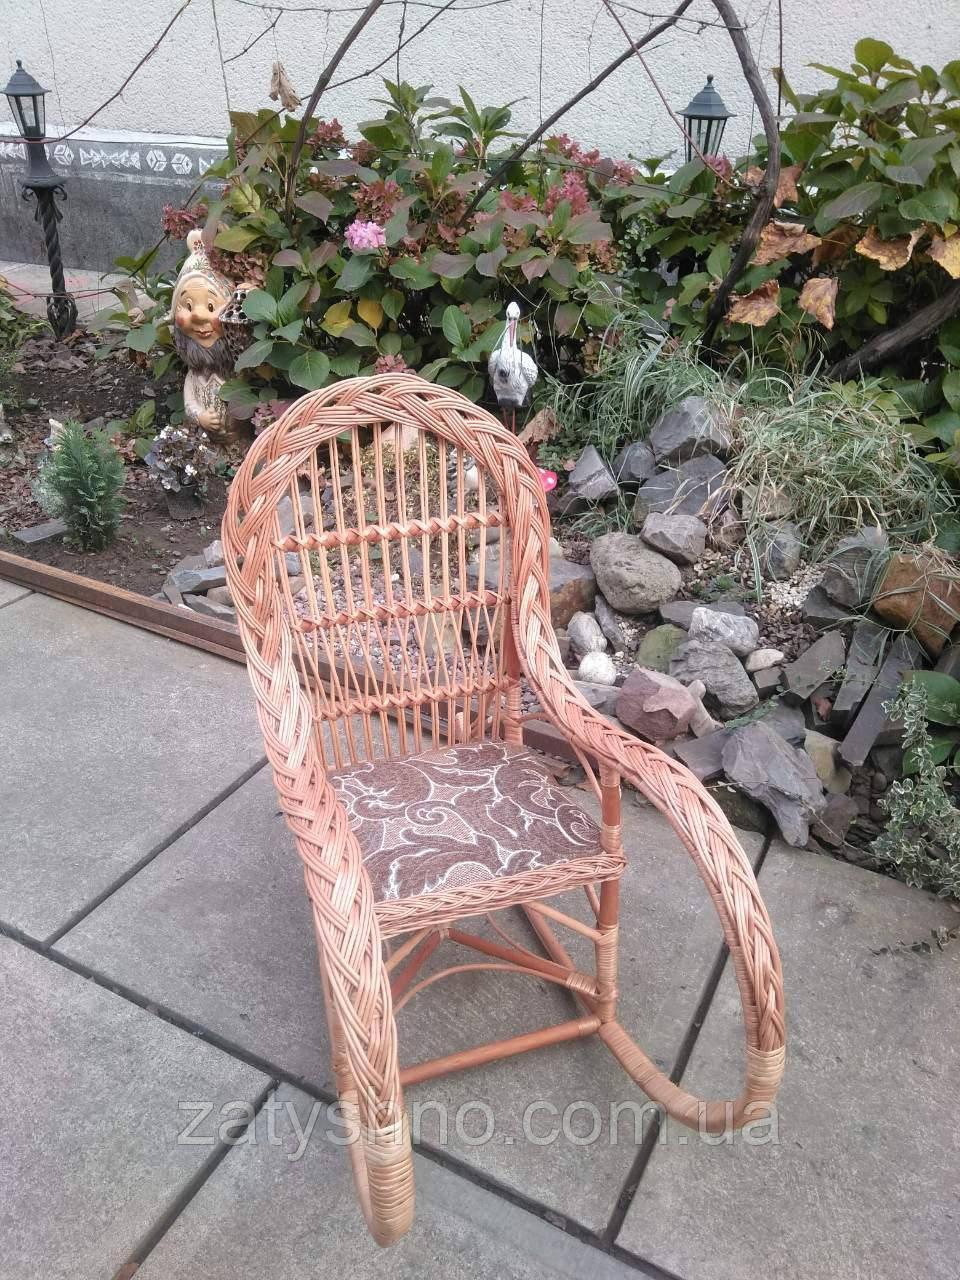 купить детское кресло качалка деревянное в киеве от компании